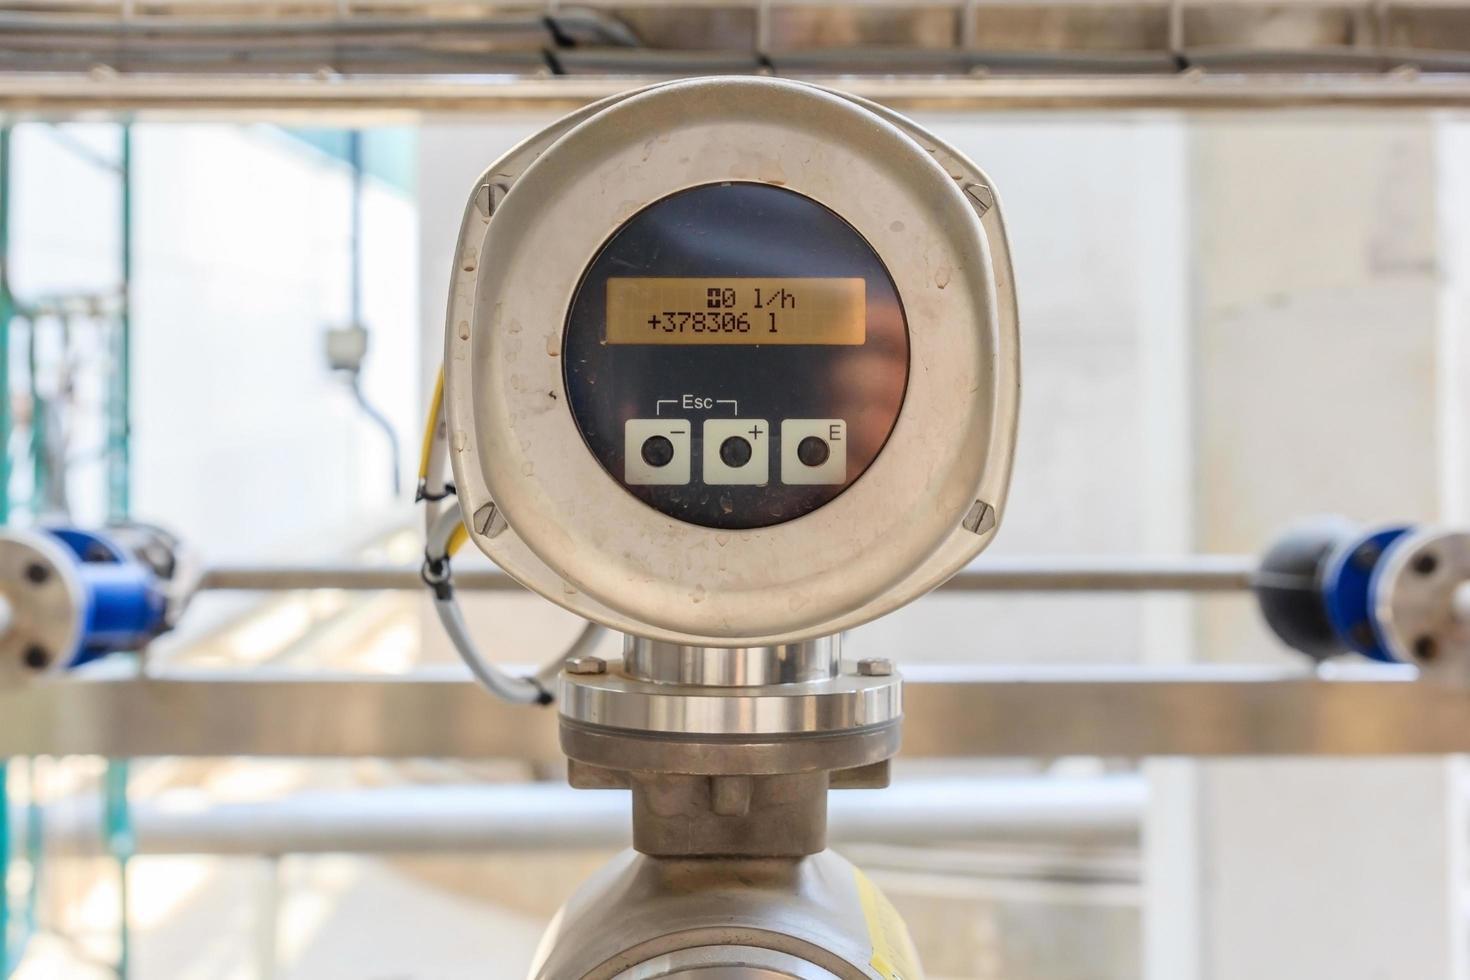 Sistema de medidor de flujo en tubería de fábrica. foto